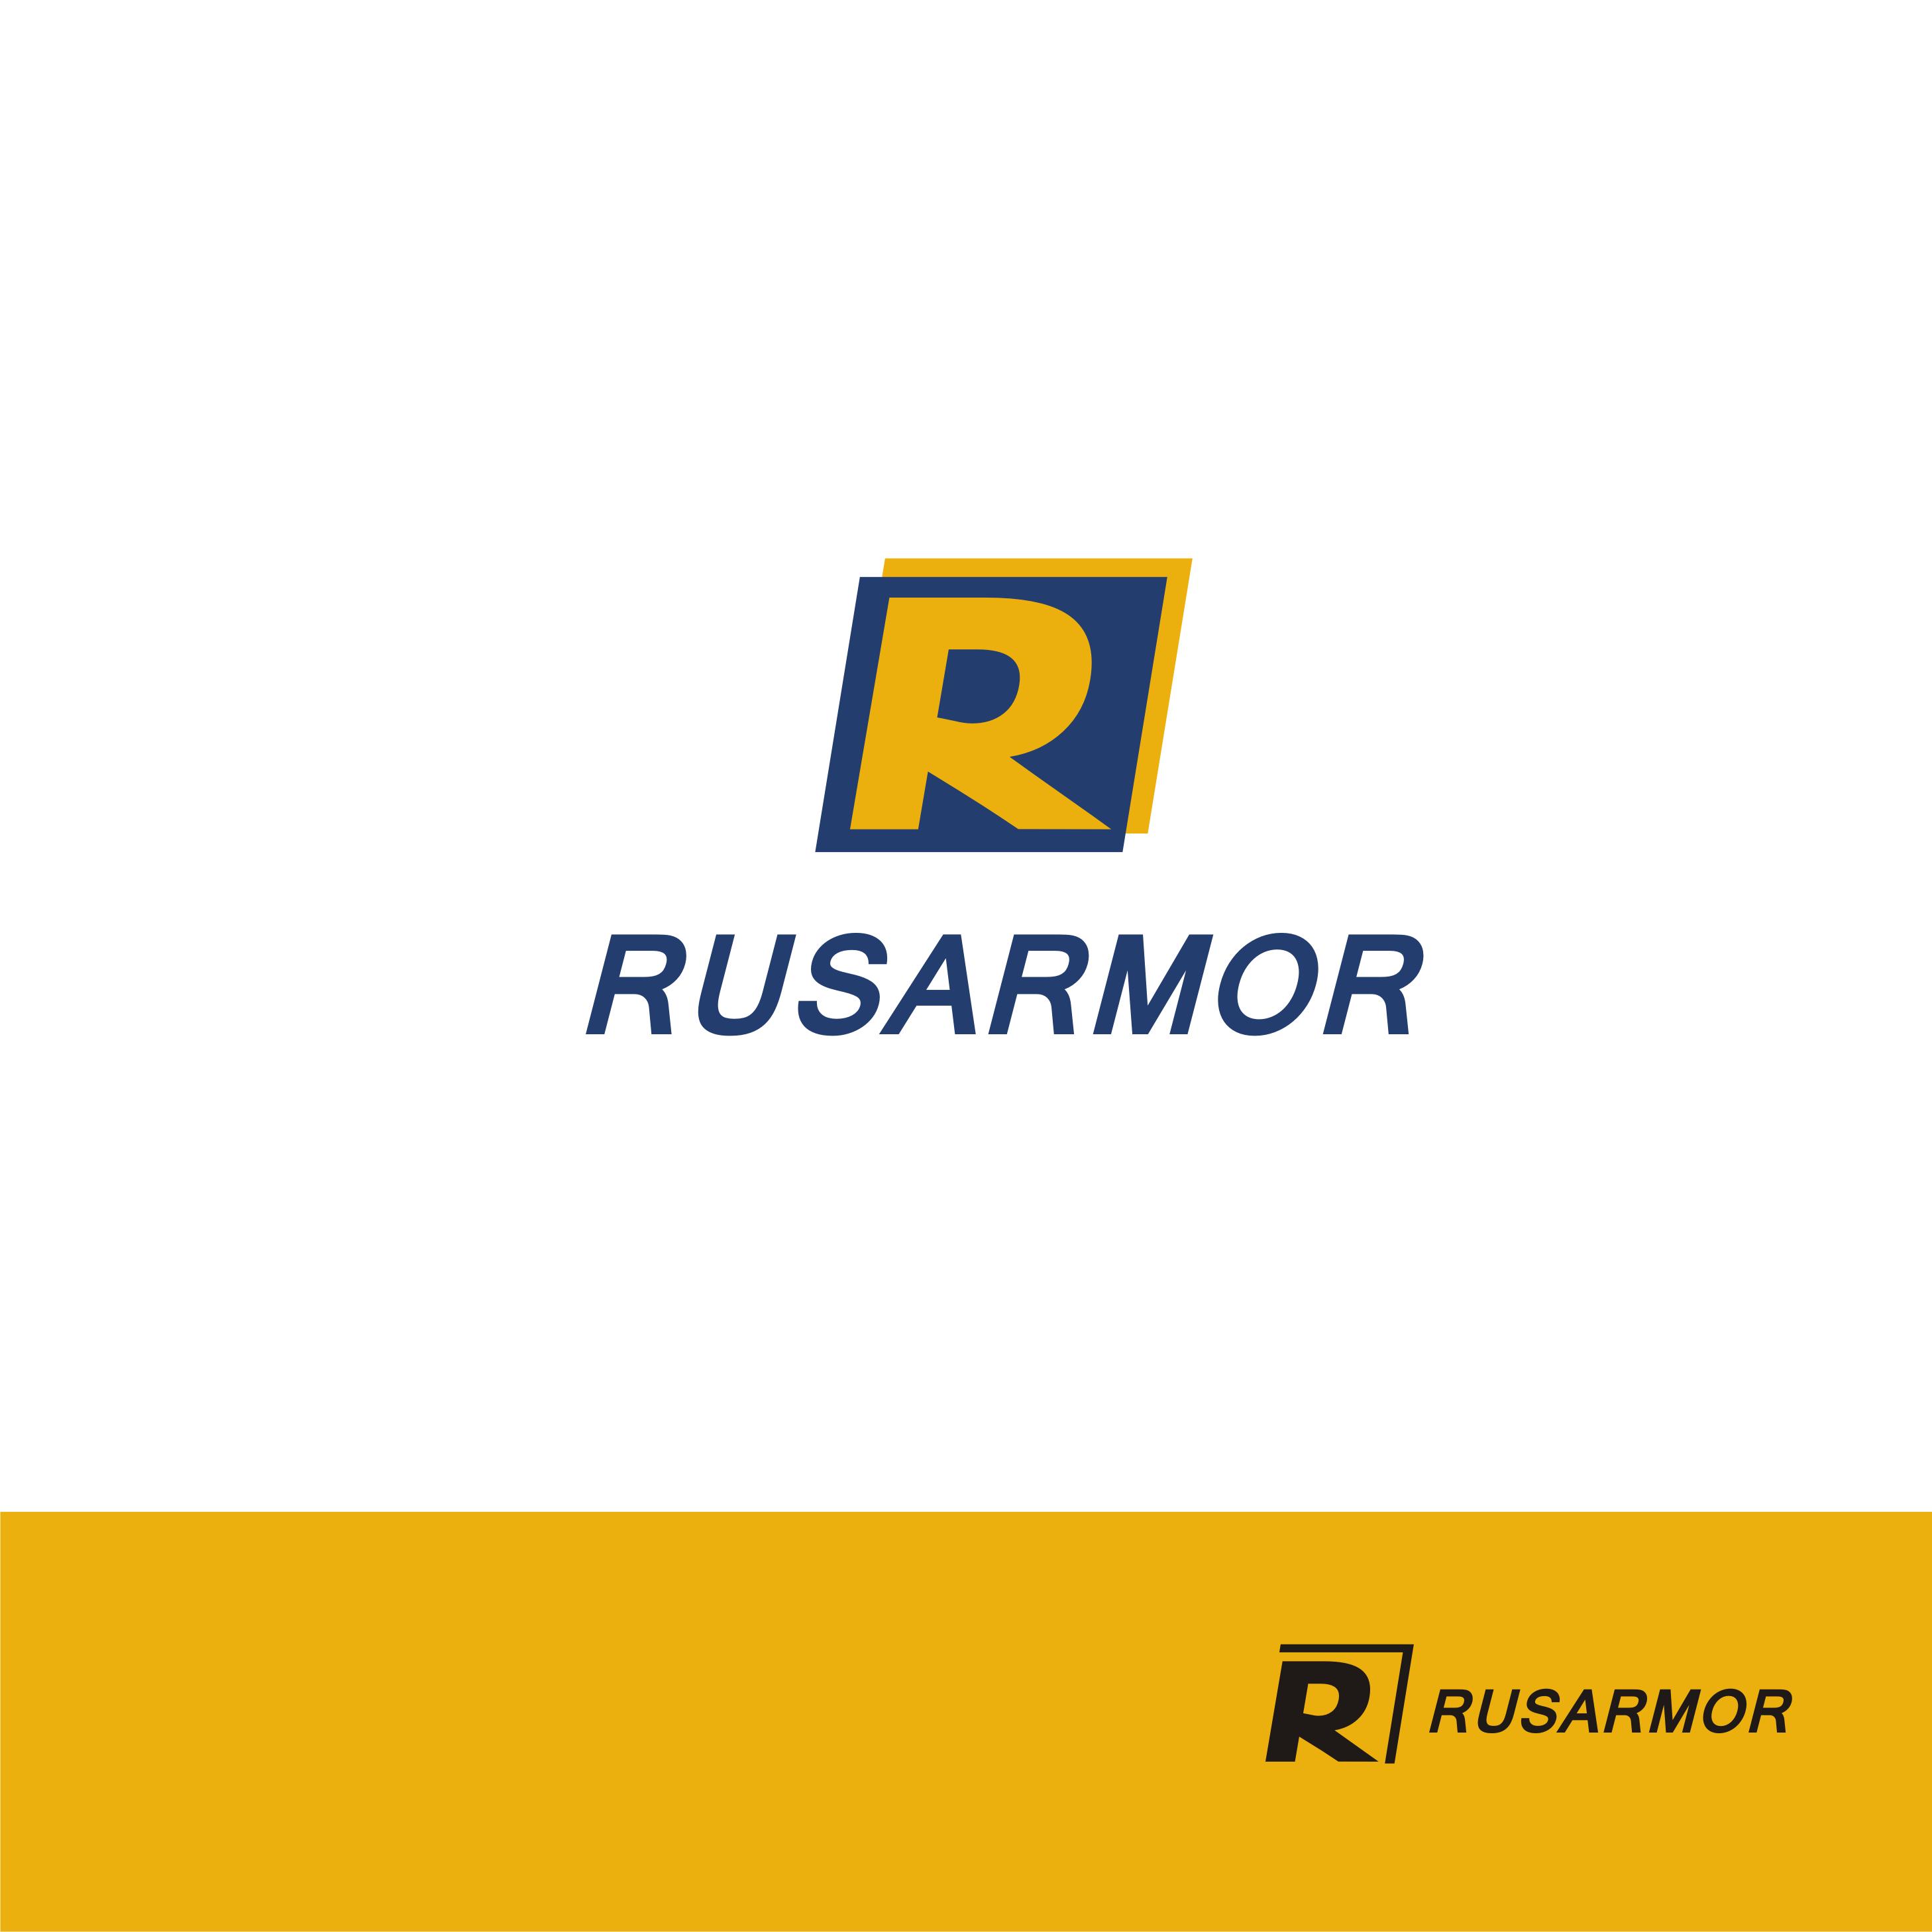 Разработка логотипа технологического стартапа РУСАРМОР фото f_0545a0ea2e7470bc.png